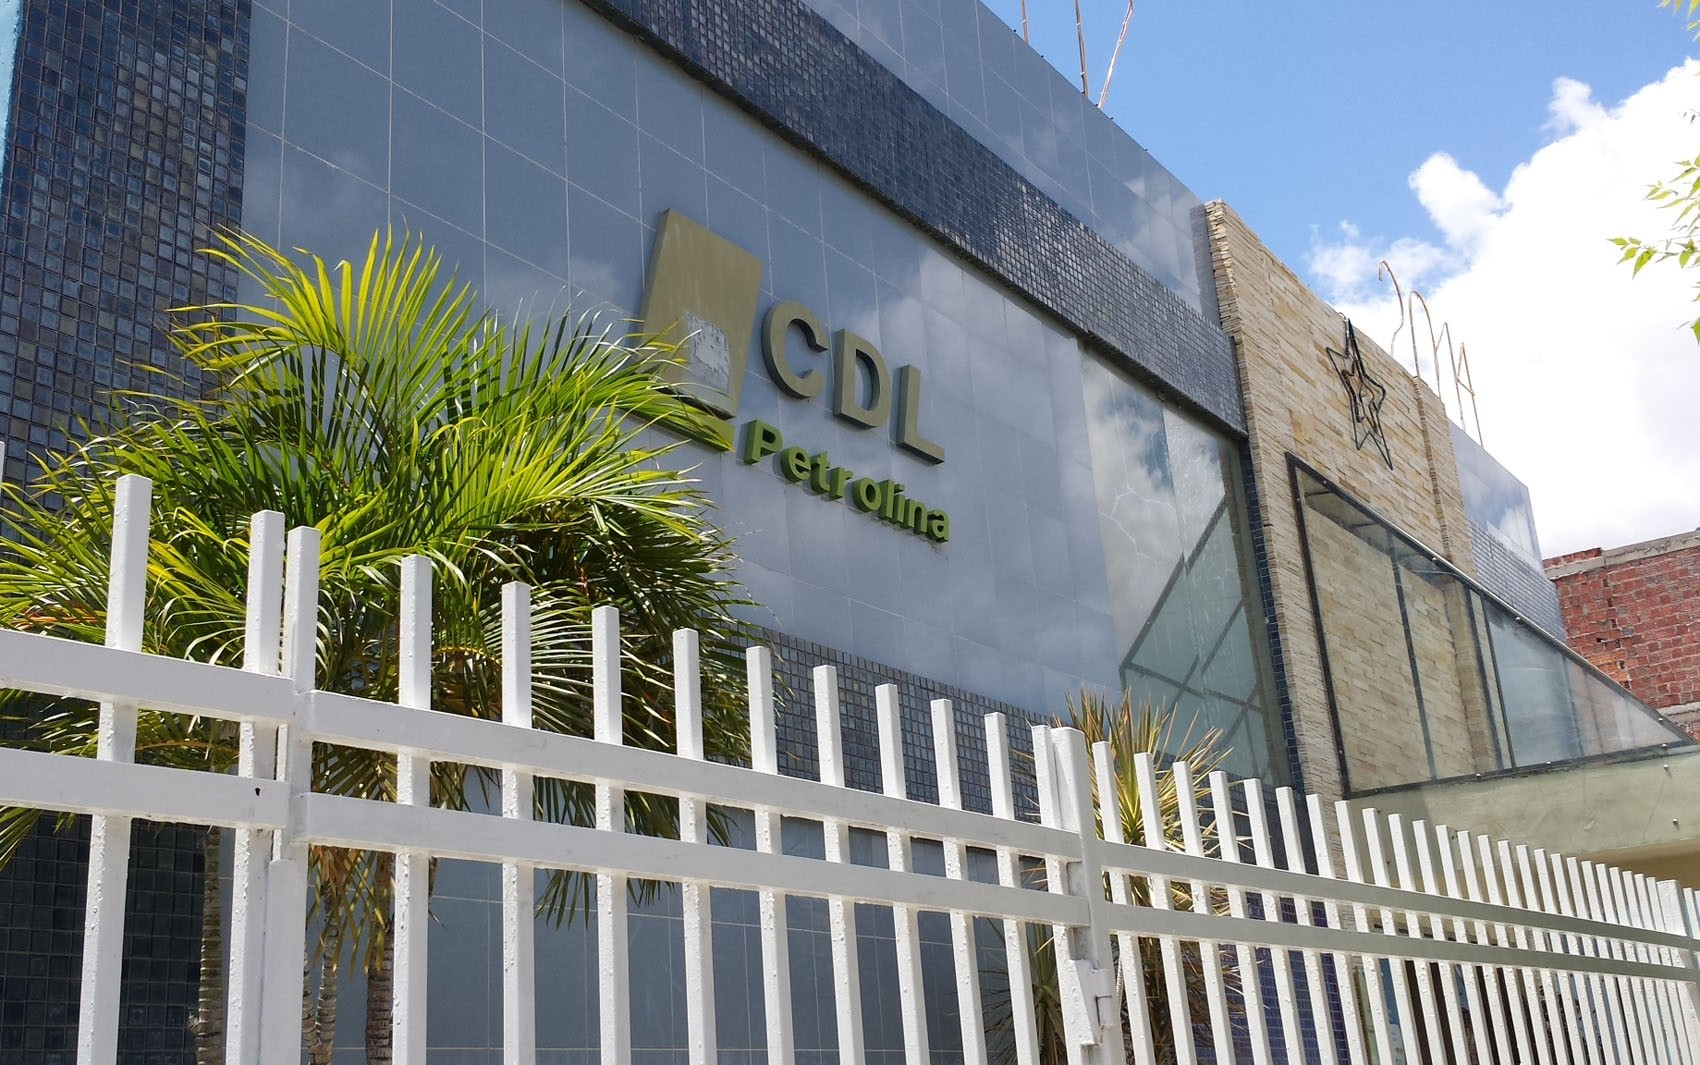 CDL realiza consultas de SPC e Serasa nesta sexta (23) na Praça Dom Malan em Petrolina - Notícias - Plantão Diário